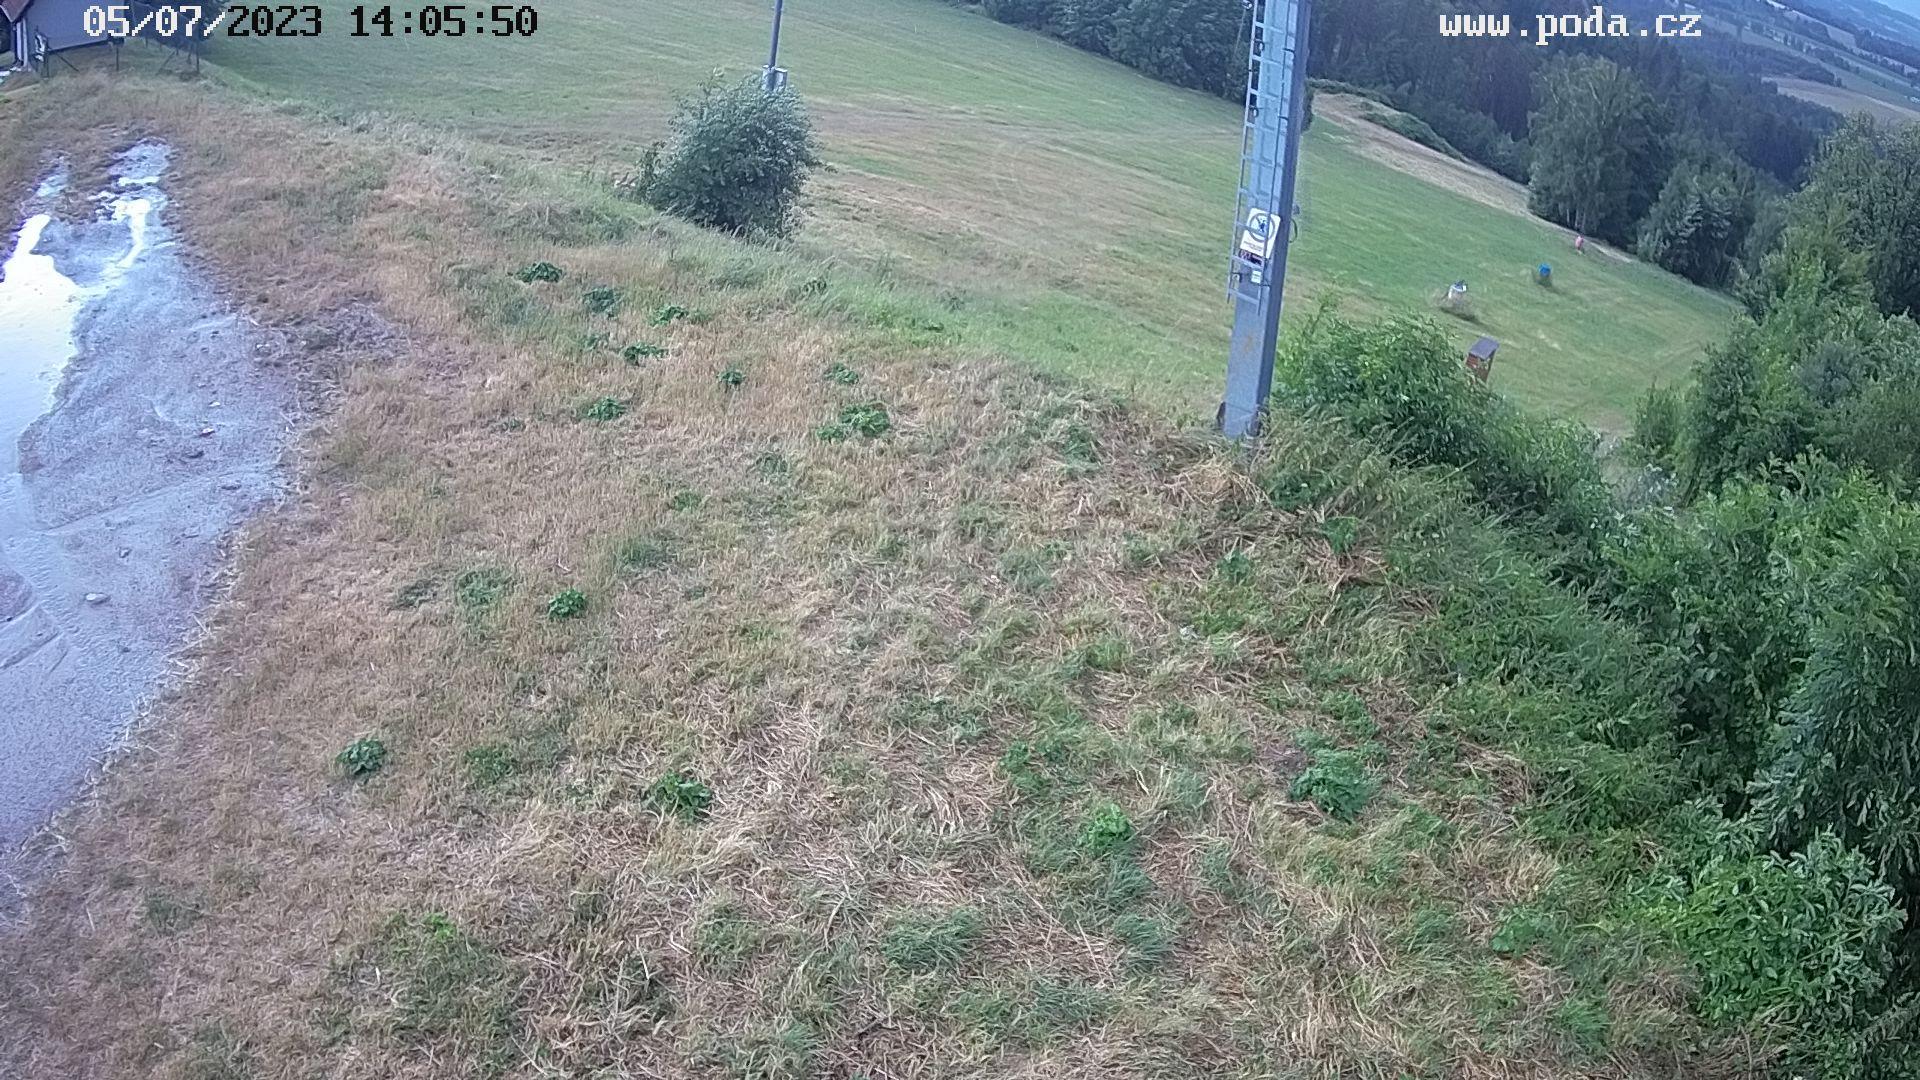 Webcam Vysoká u Havlíčkova Brodu